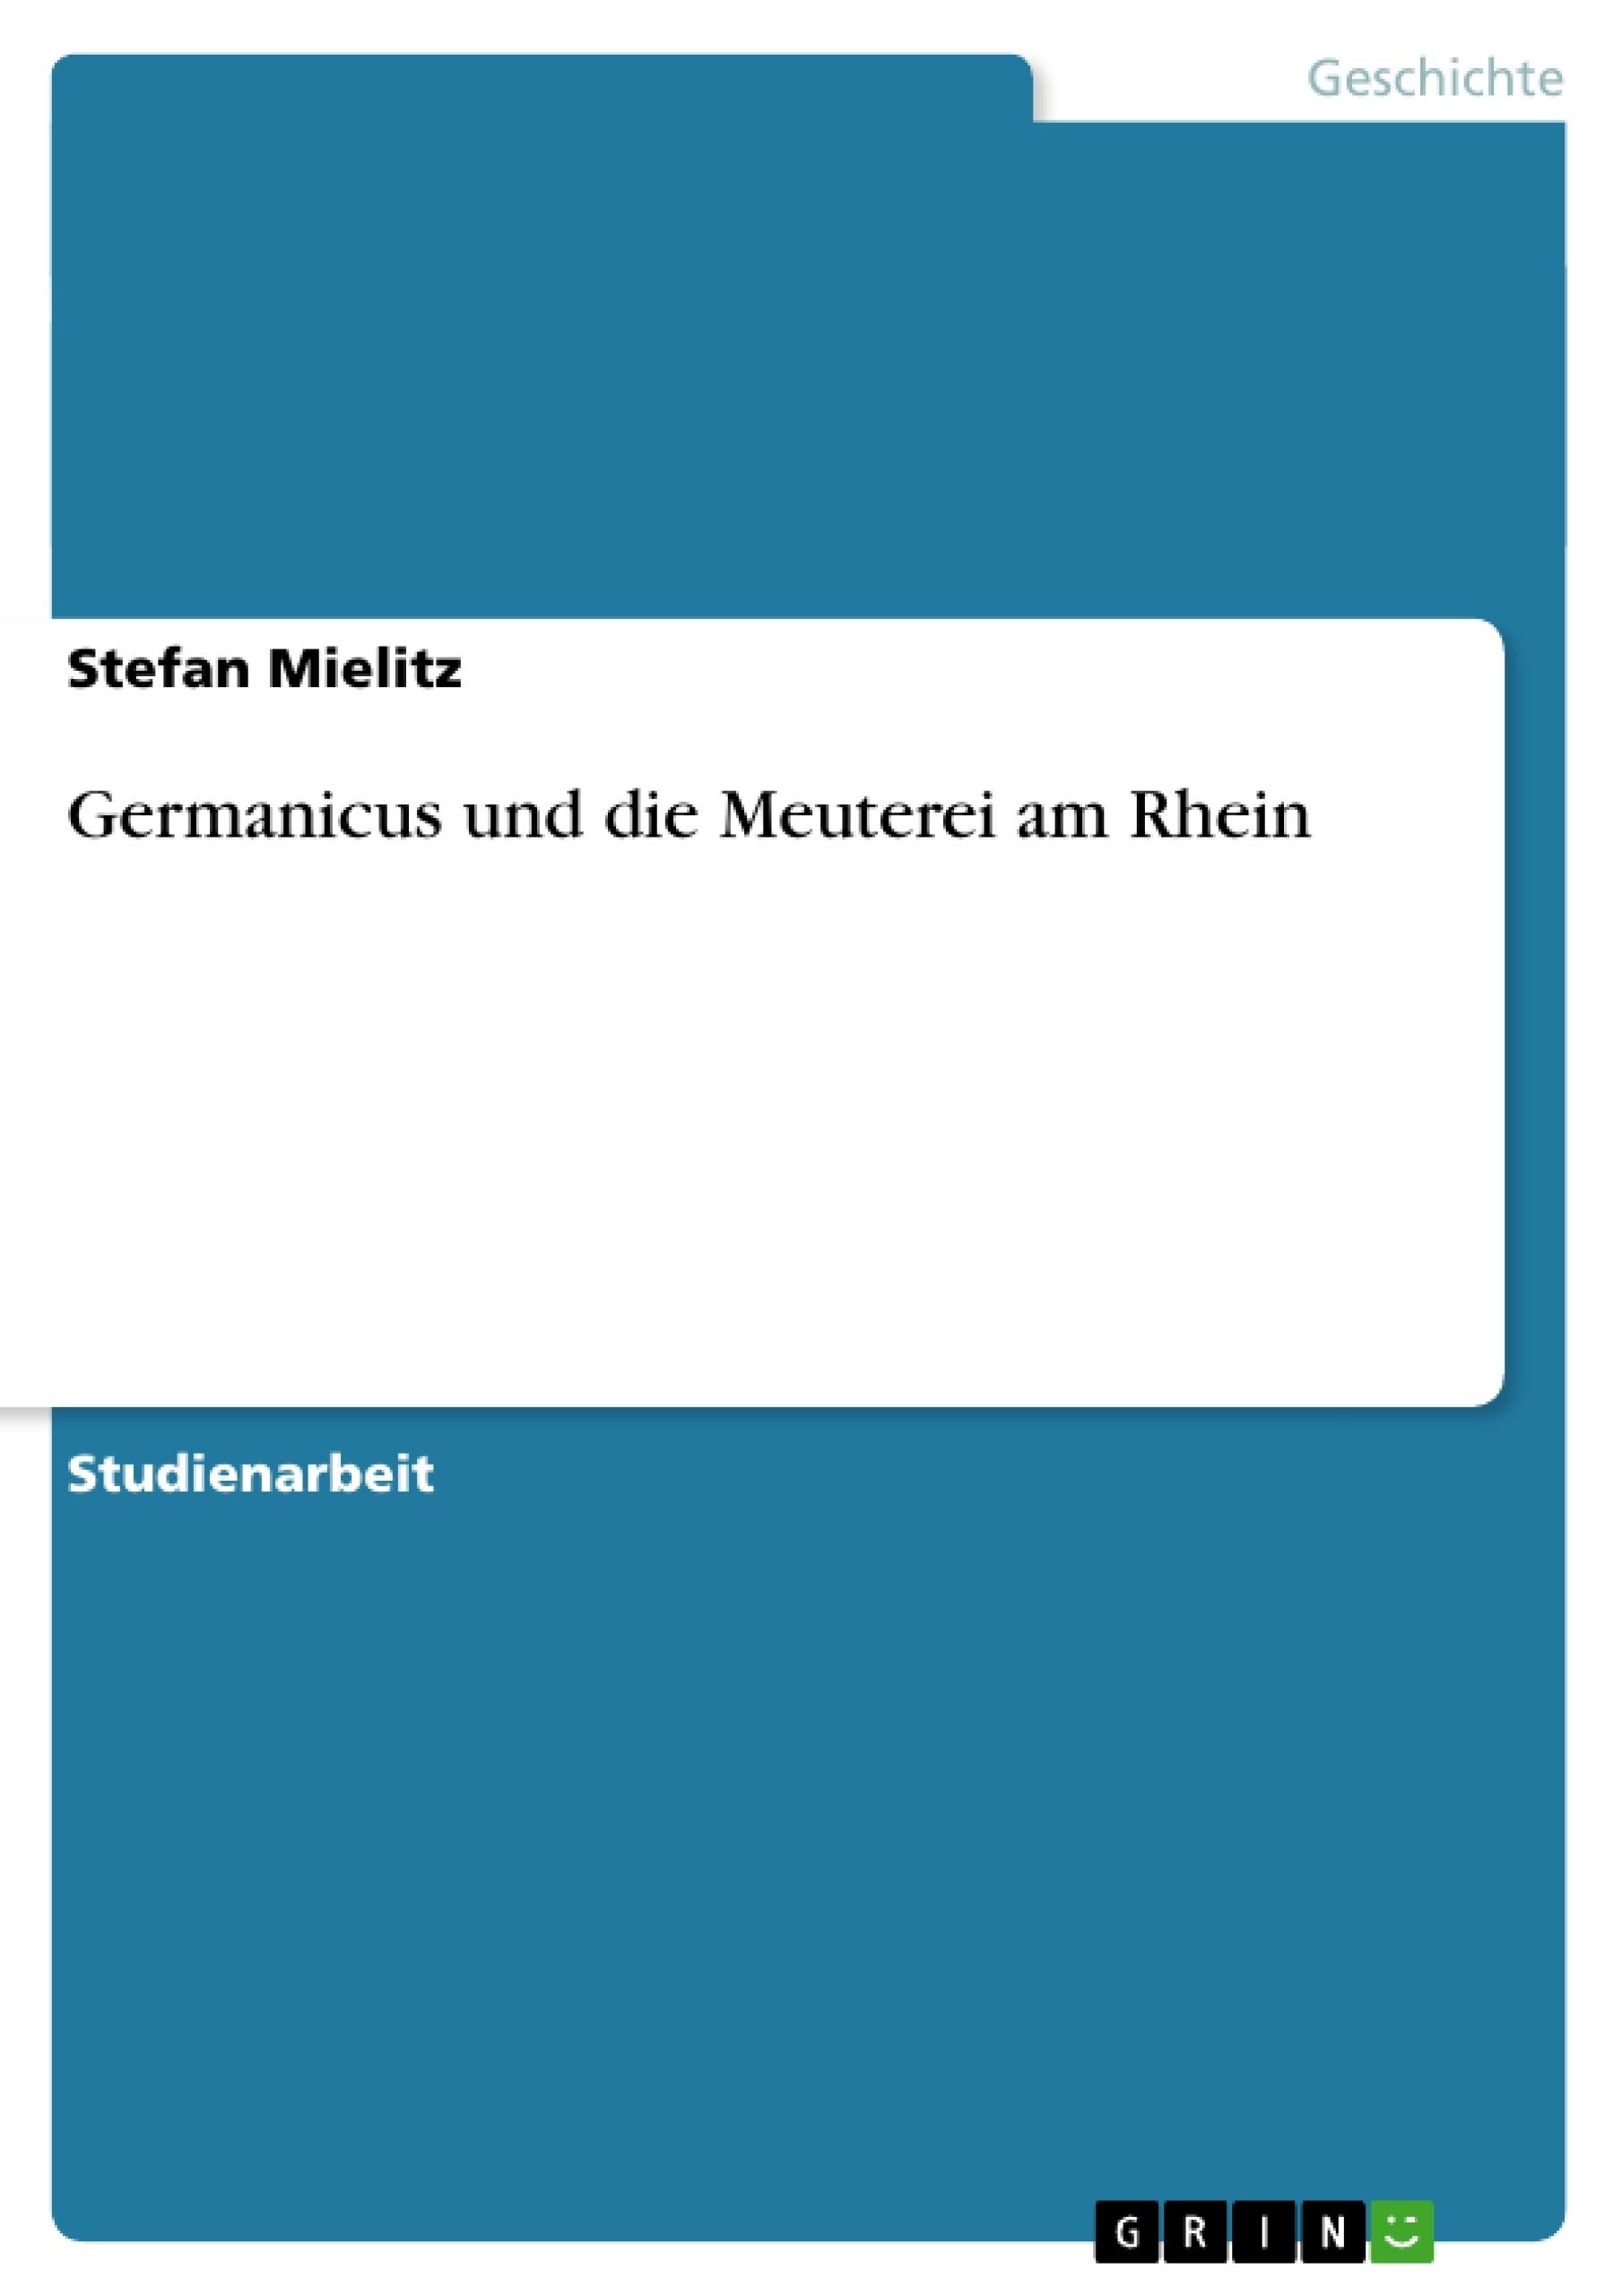 Titel: Germanicus und die Meuterei am Rhein